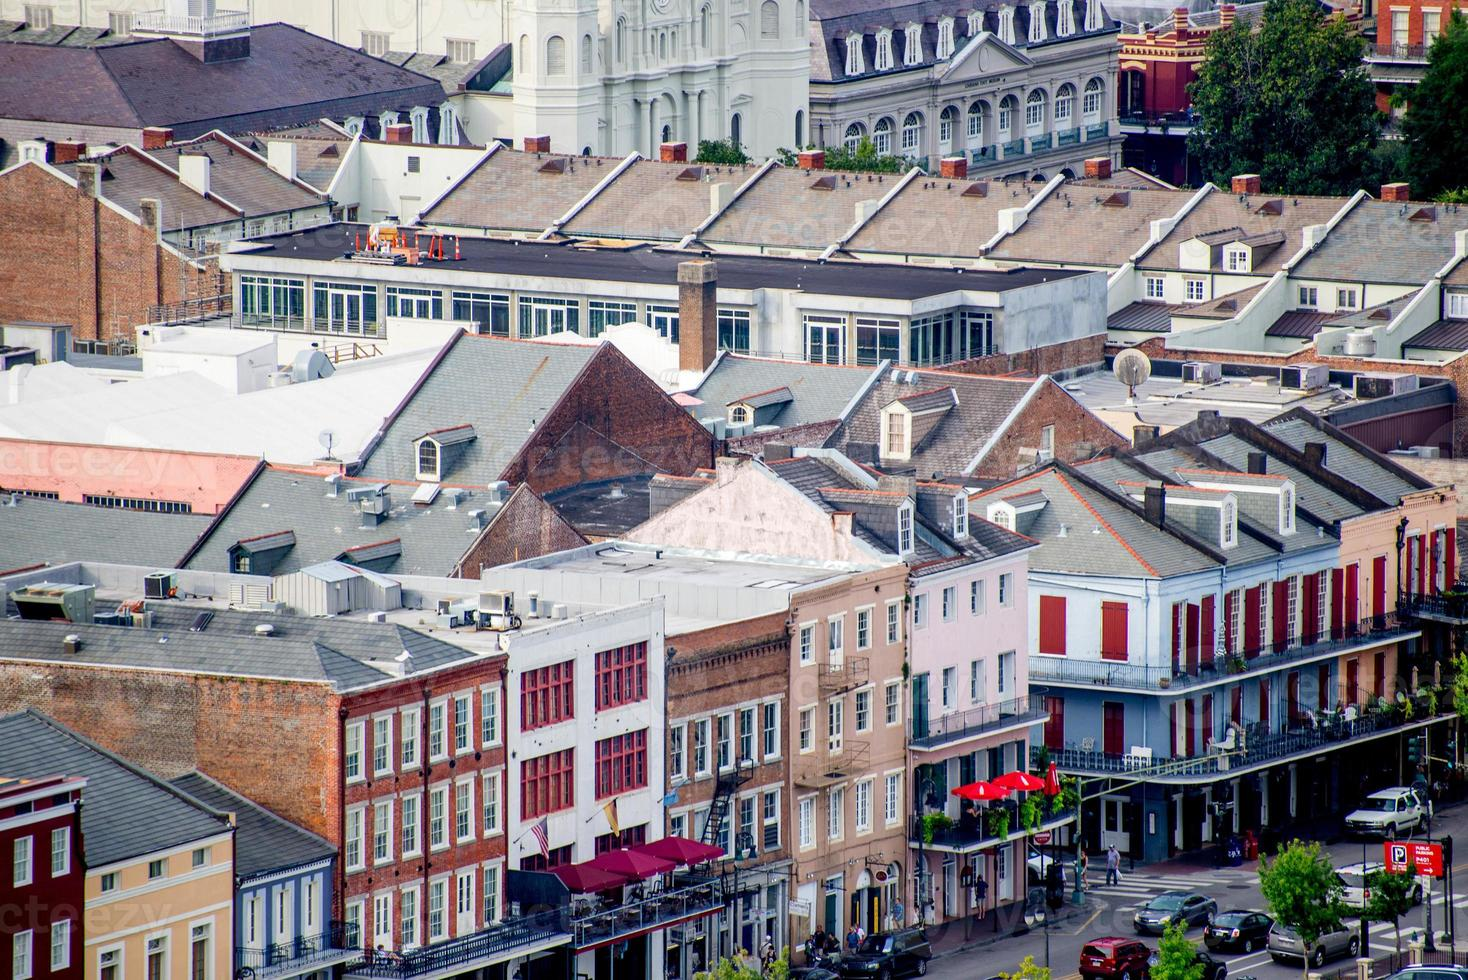 antenn viel av färgglada byggnader i nya orleans foto